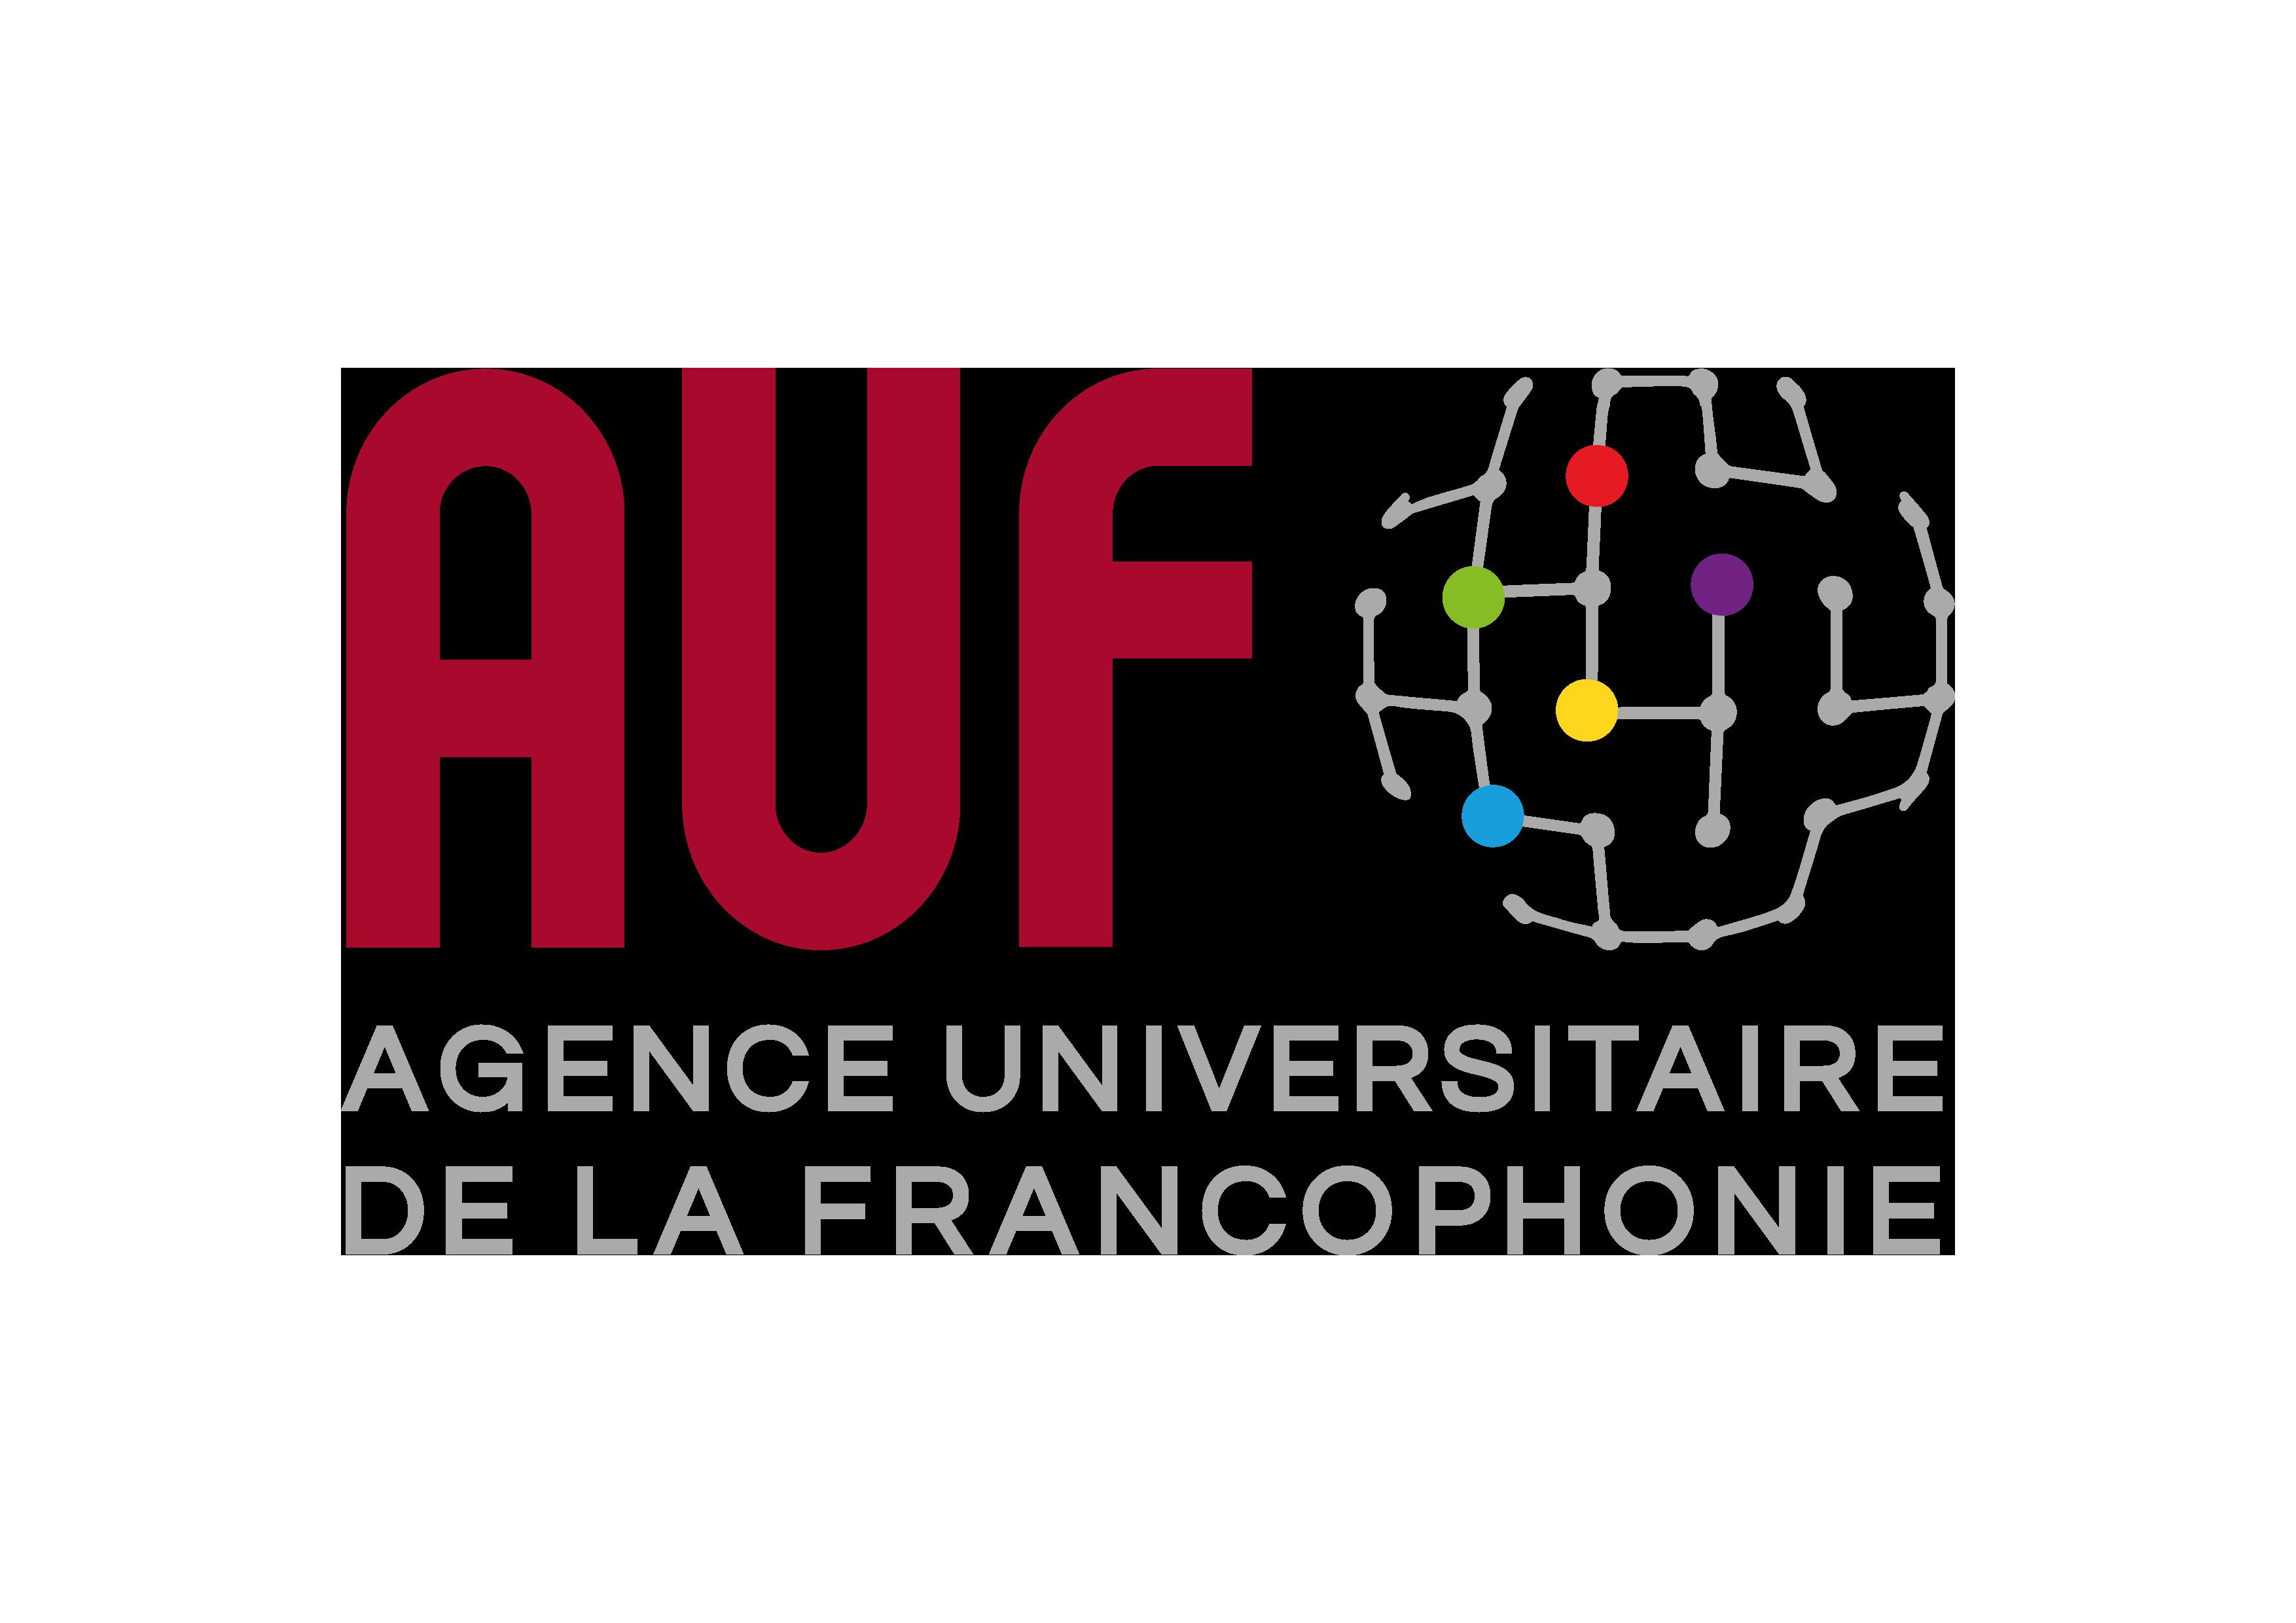 Logo de l'AUF - Agence universitaire de la francophonie